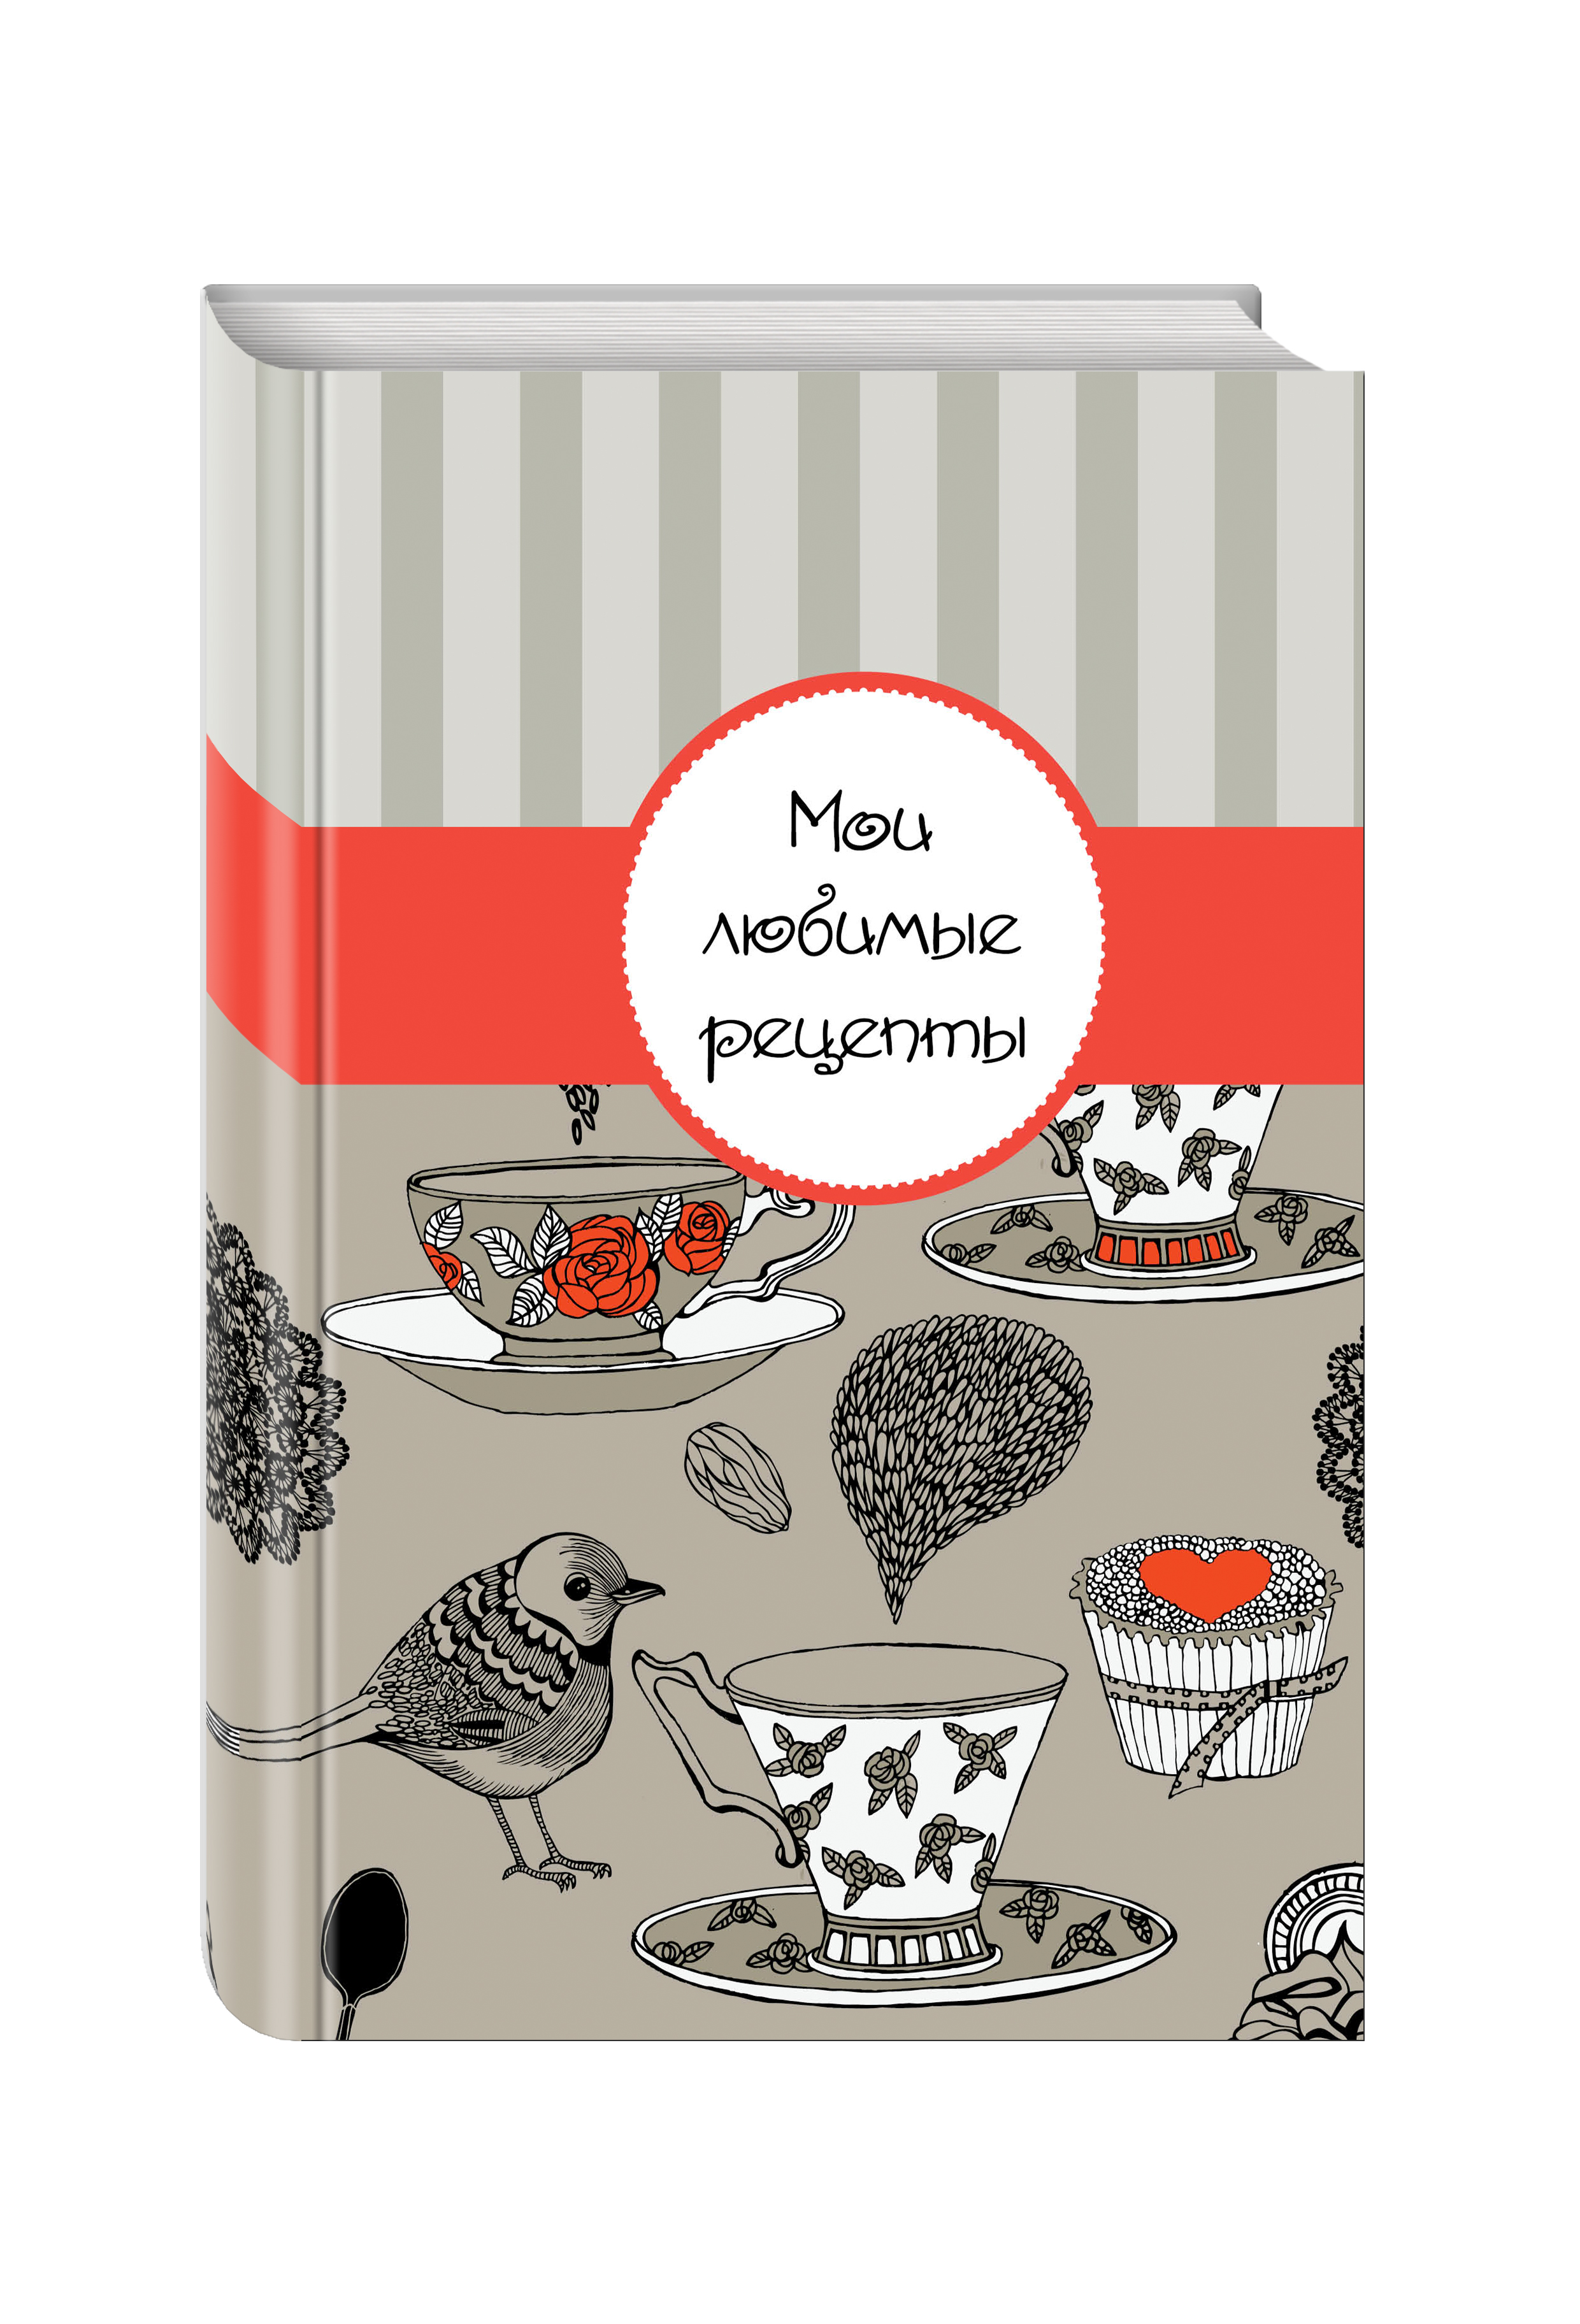 Мои любимые рецепты. Книга для записи рецептов (а5_Птичка) вкусные истории книга для записи рецептов